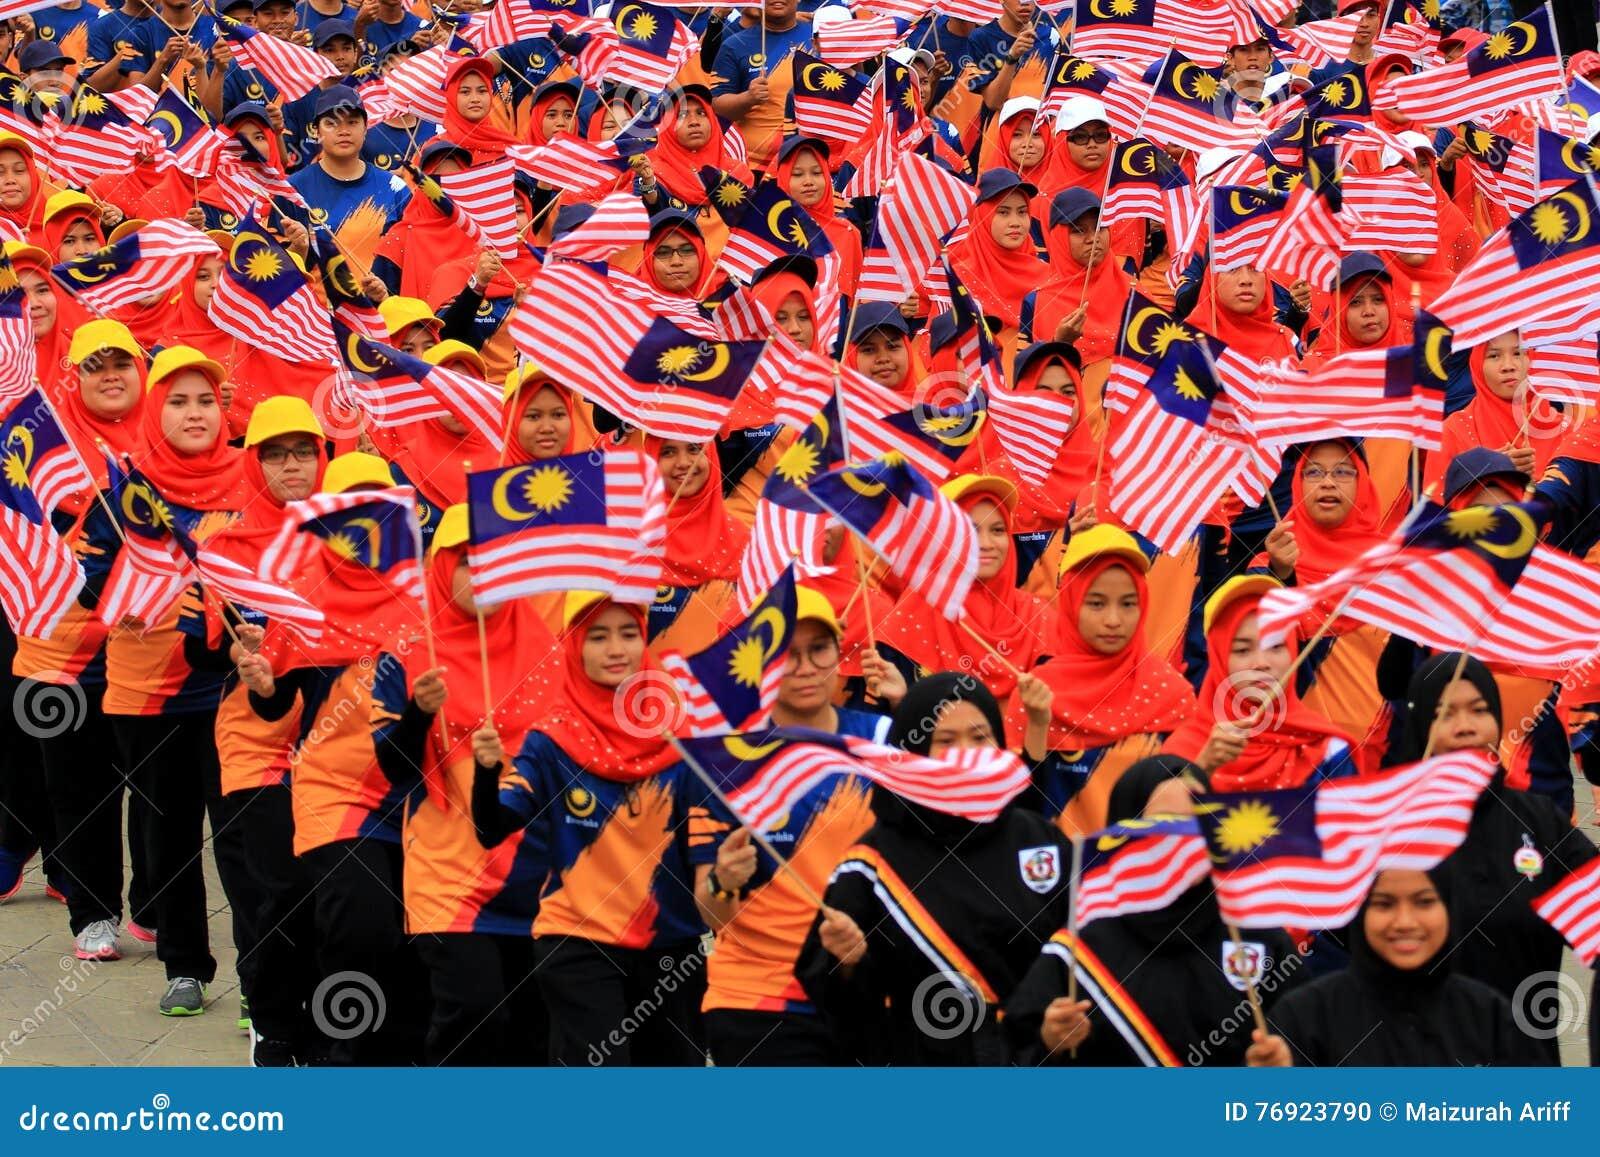 Malasios en la celebración malasia reciente del Día de la Independencia